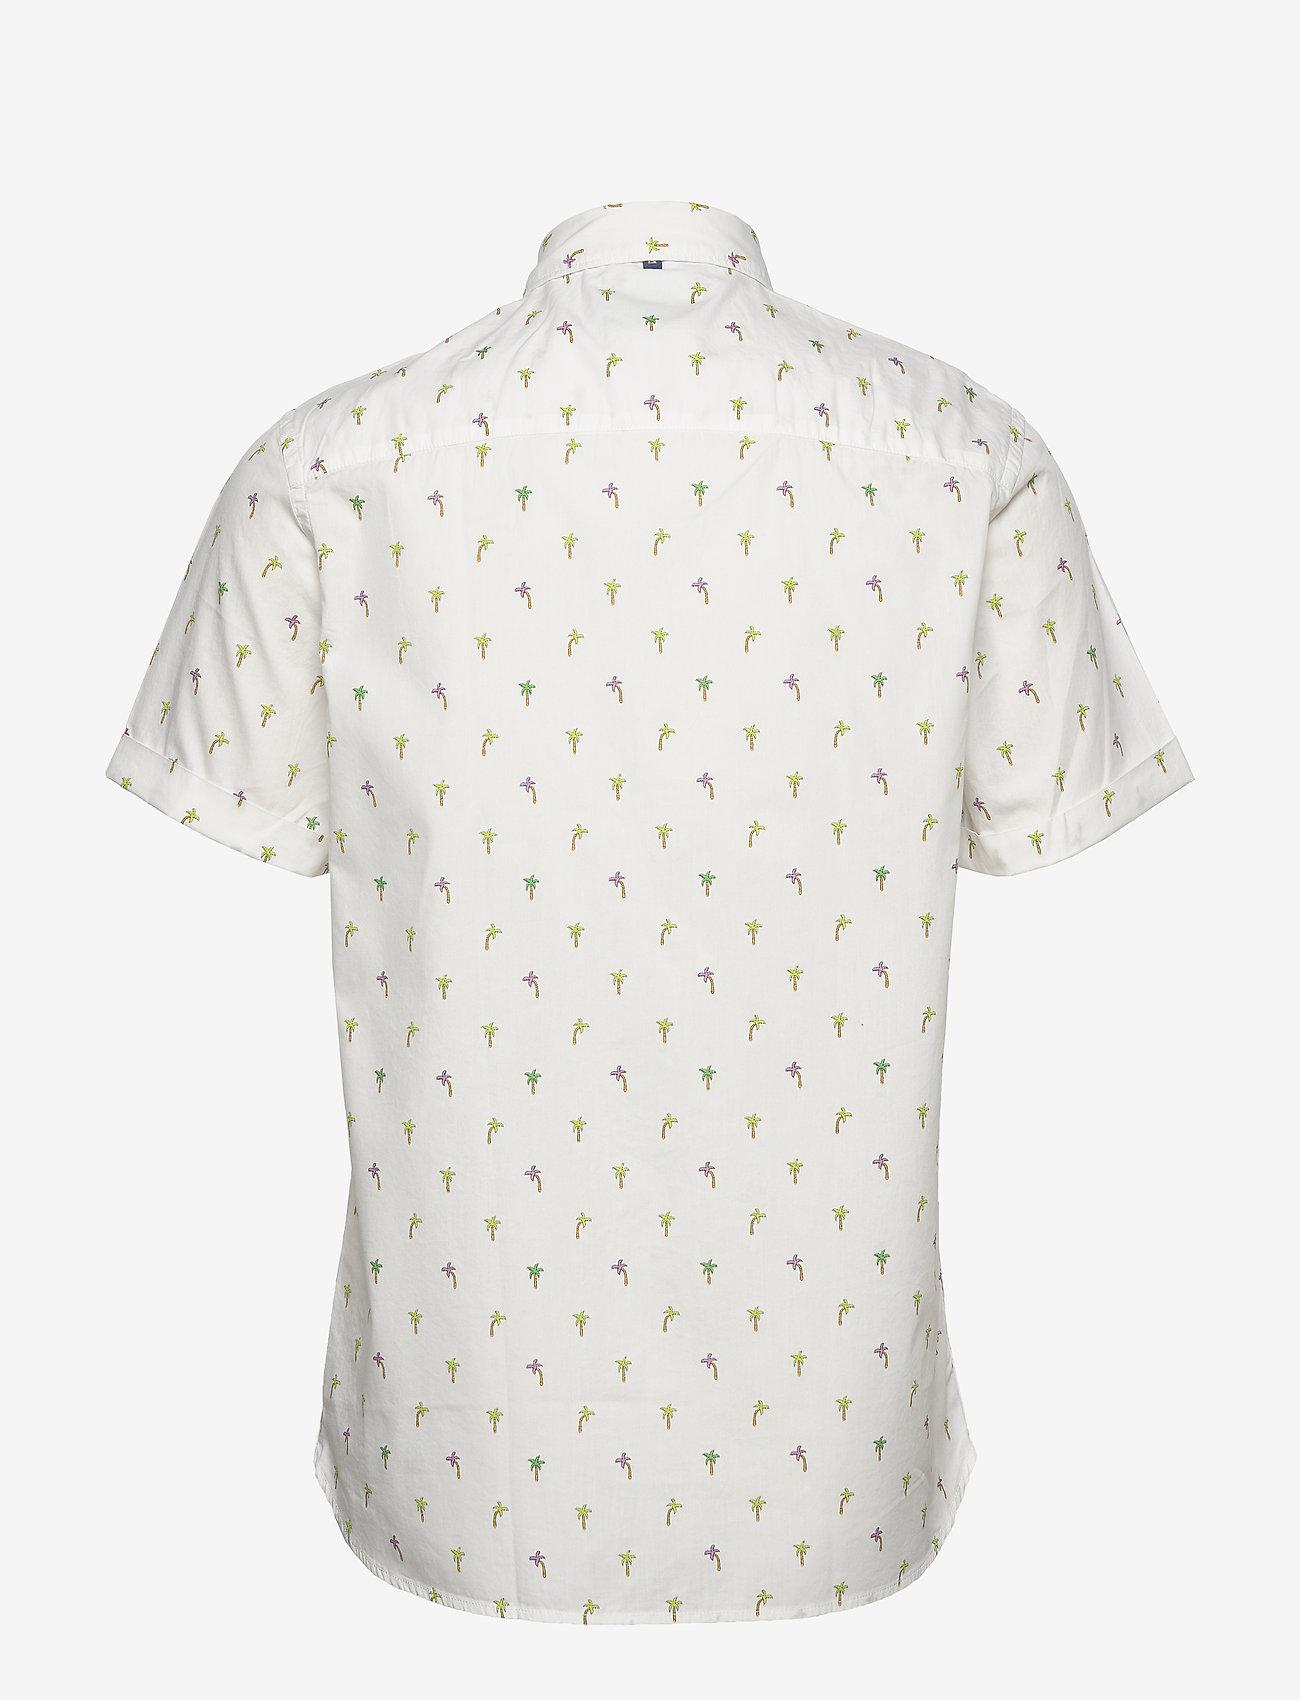 Scotch & Soda - REGULAR FIT- All-over printed shortsleeve shirt - kortærmede skjorter - combo d - 1